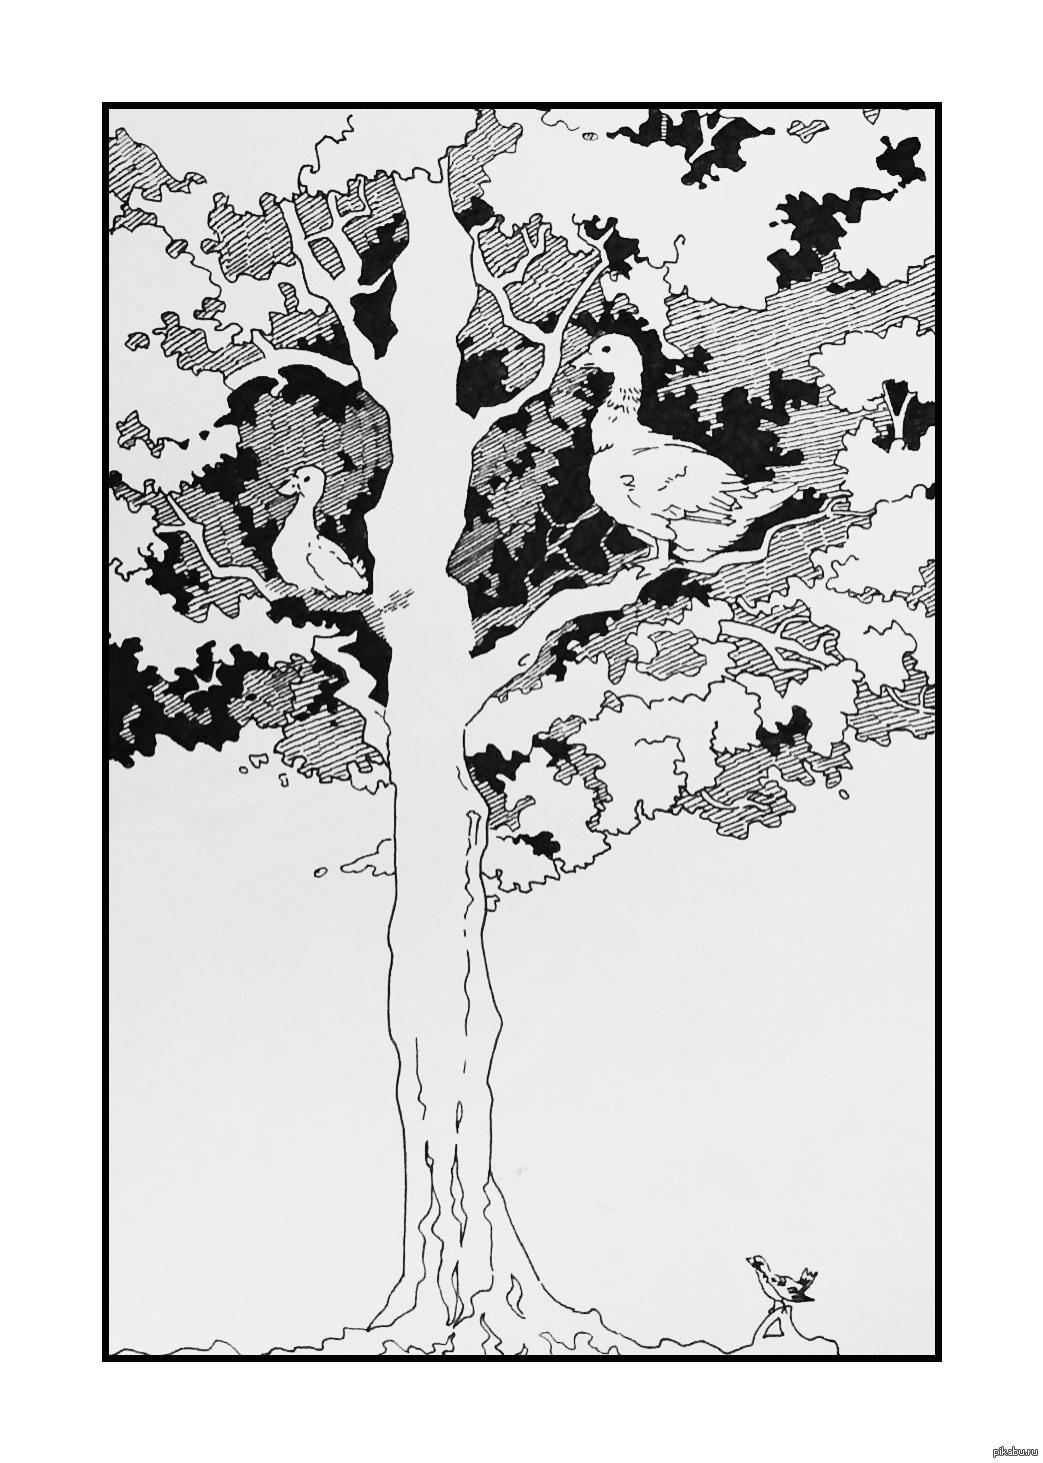 Duck on top of a tree Утка на верхушке дерева | 1463x1043